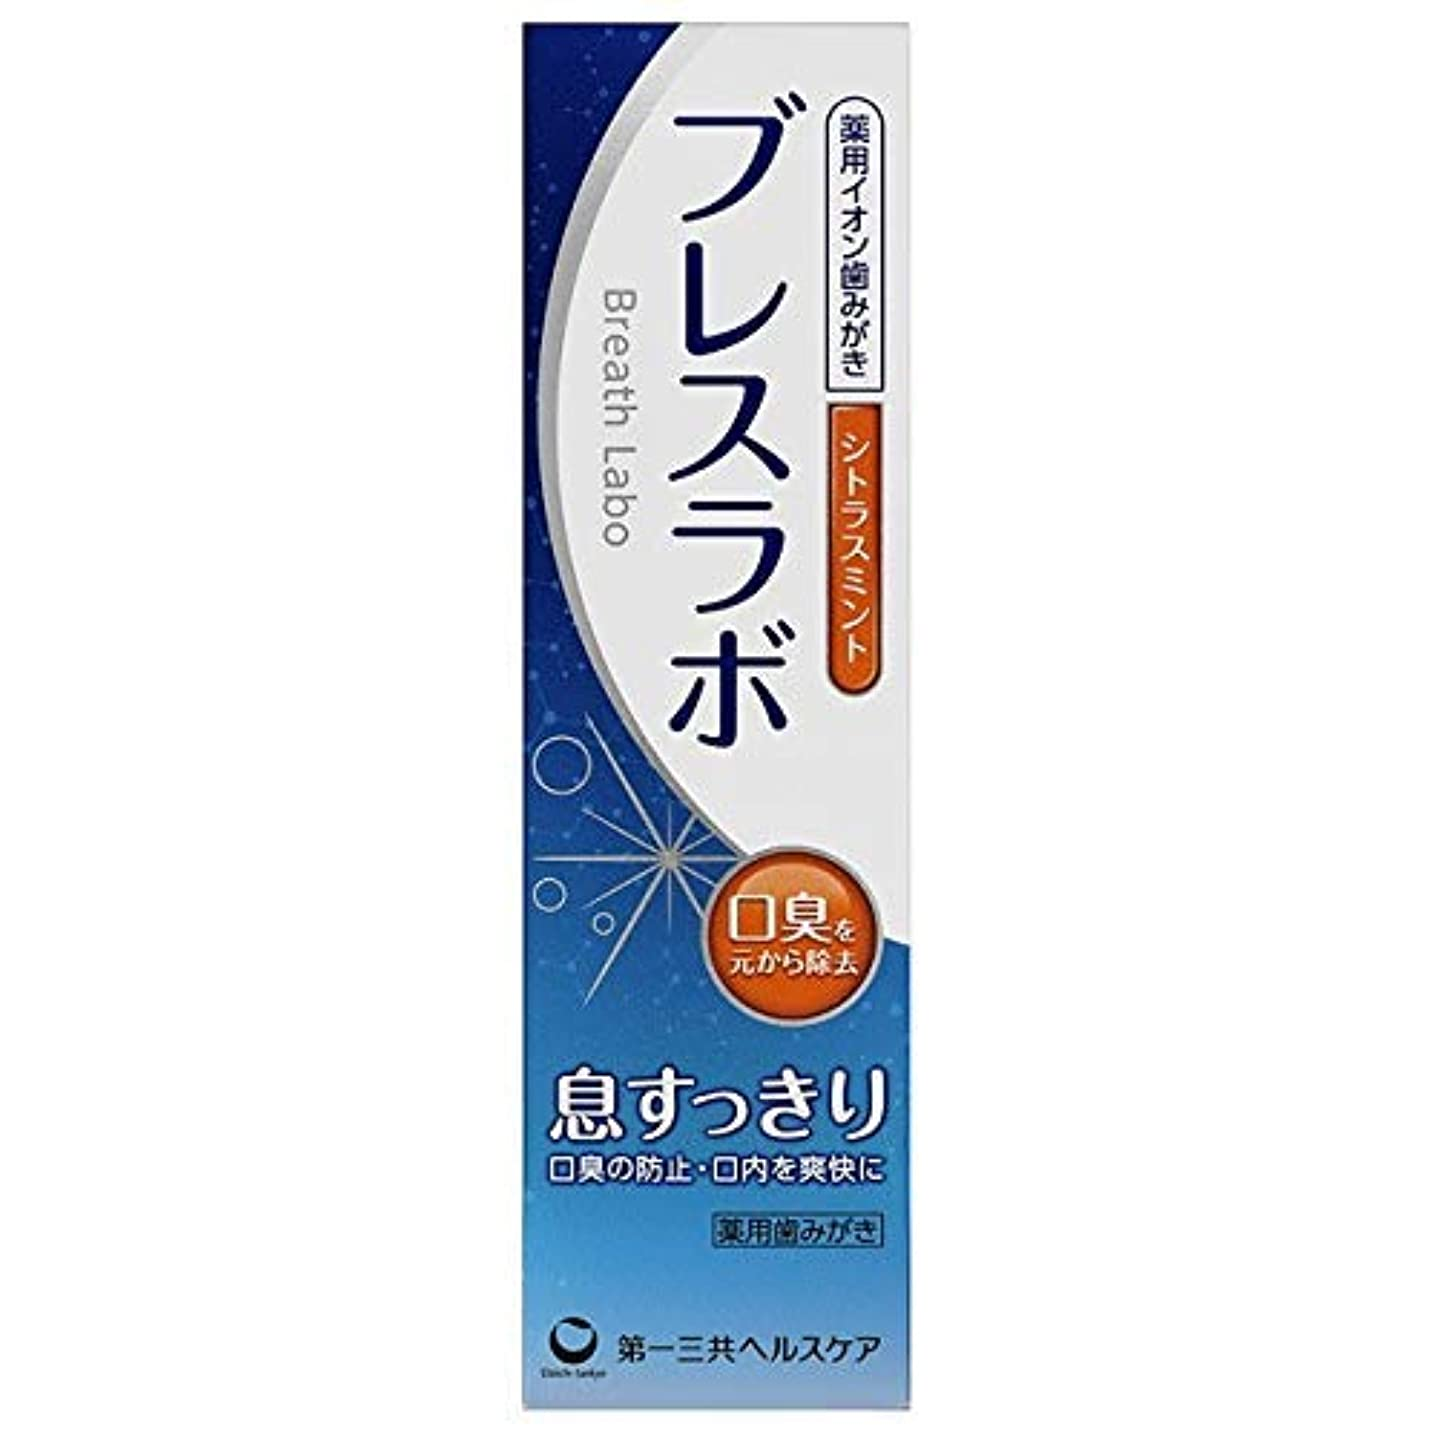 ヘビ物理的な未使用【5個セット】ブレスラボ シトラスミント 90g